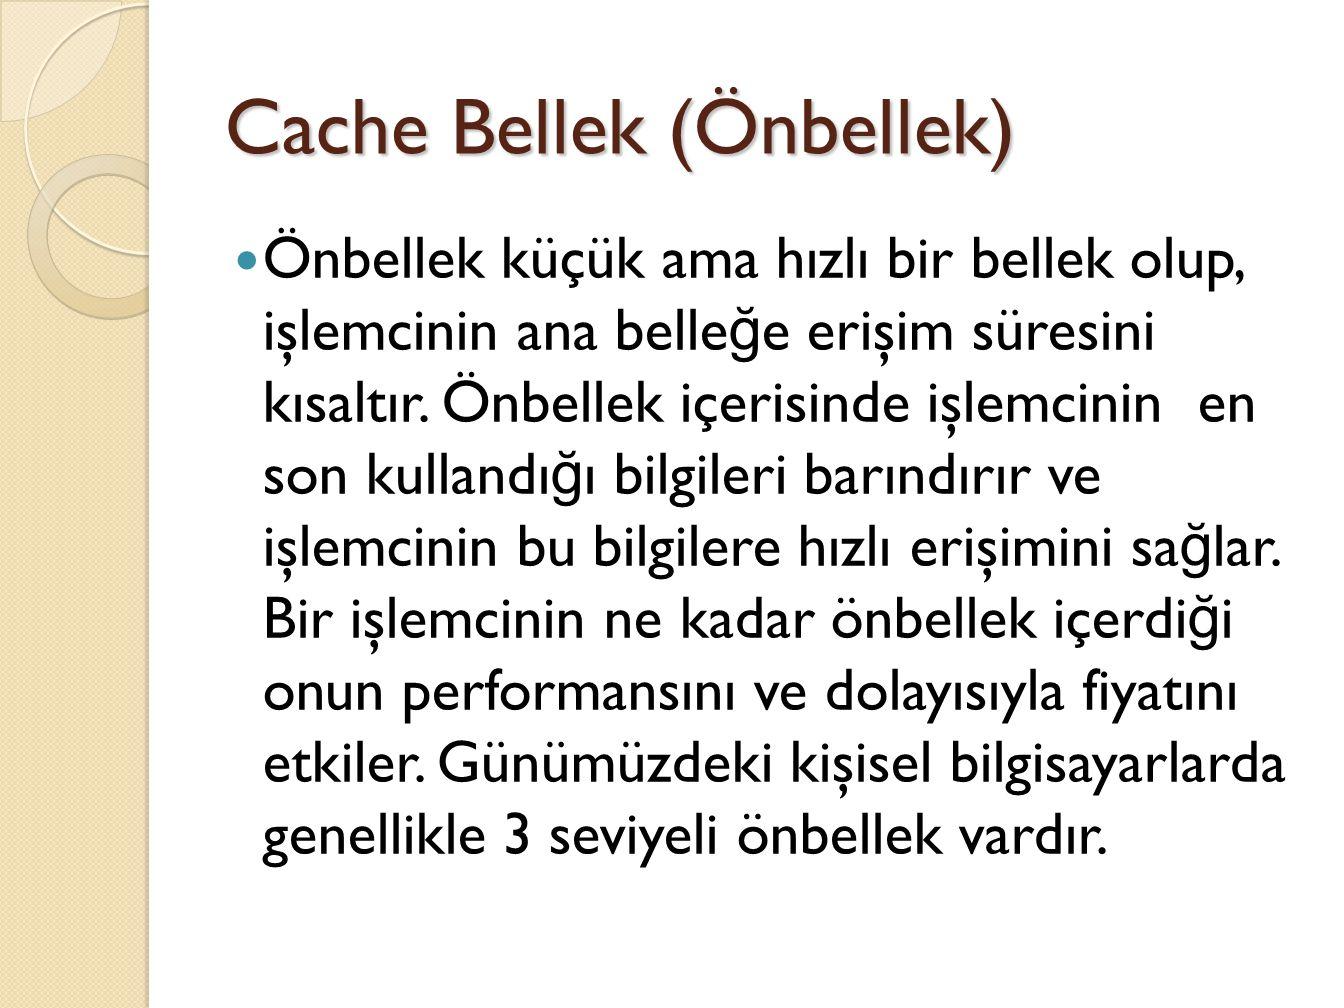 Cache Bellek (Önbellek) Önbellek küçük ama hızlı bir bellek olup, işlemcinin ana belle ğ e erişim süresini kısaltır.